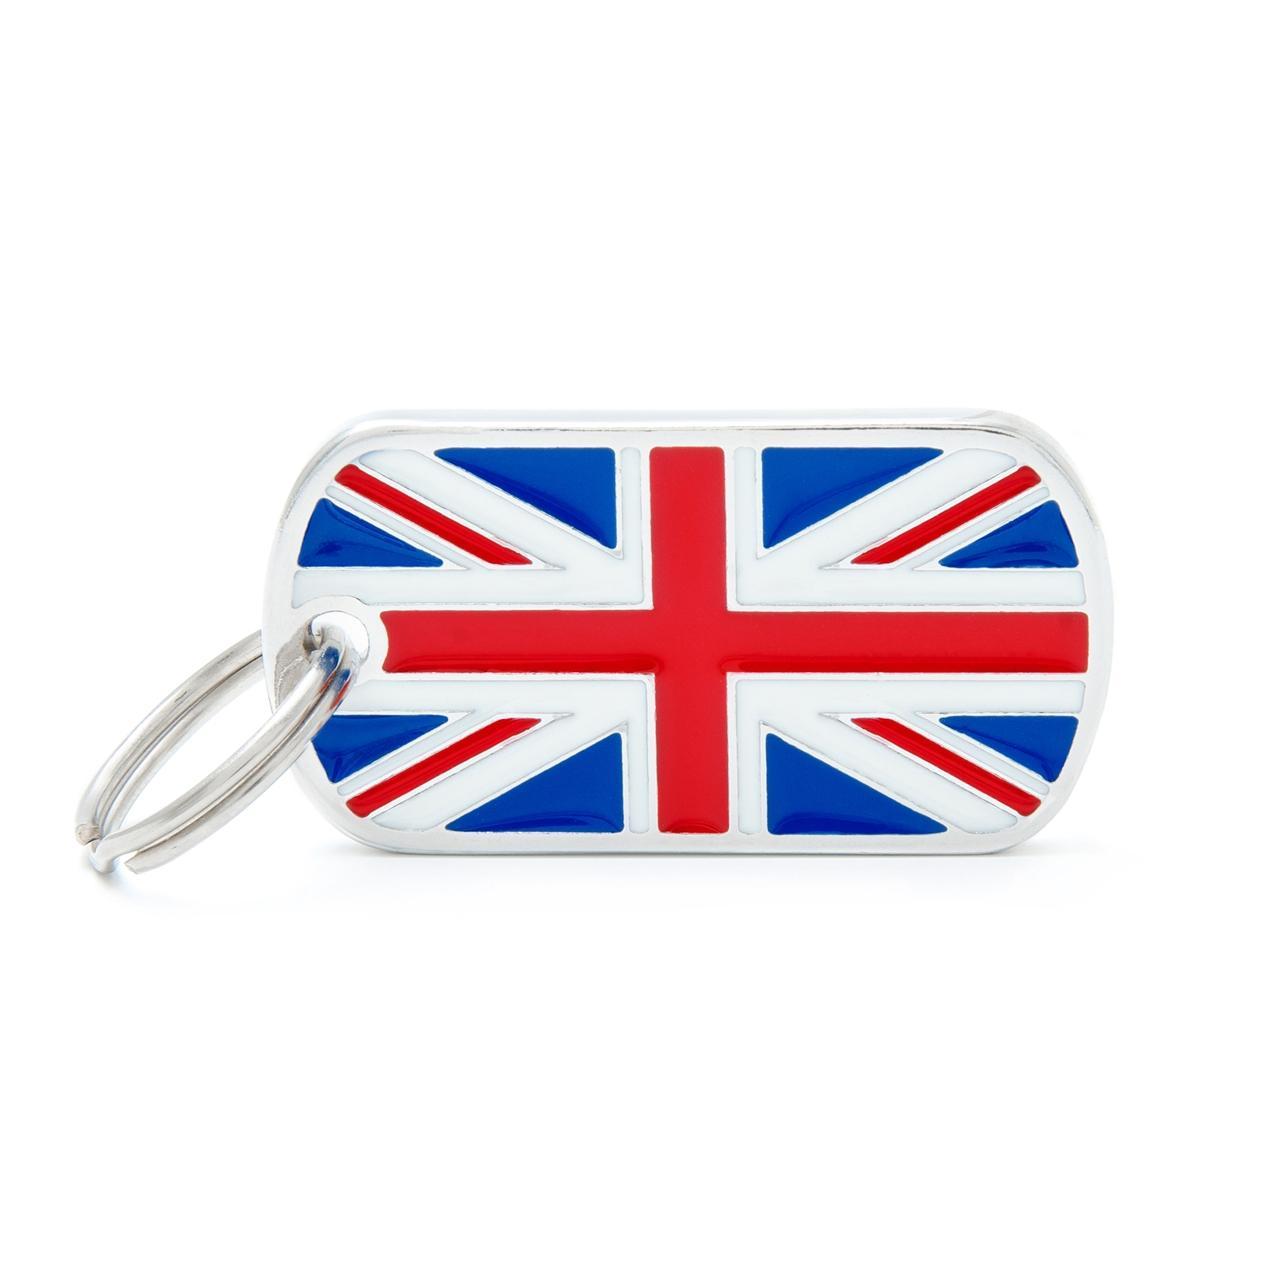 Placa Bandera de U.K.